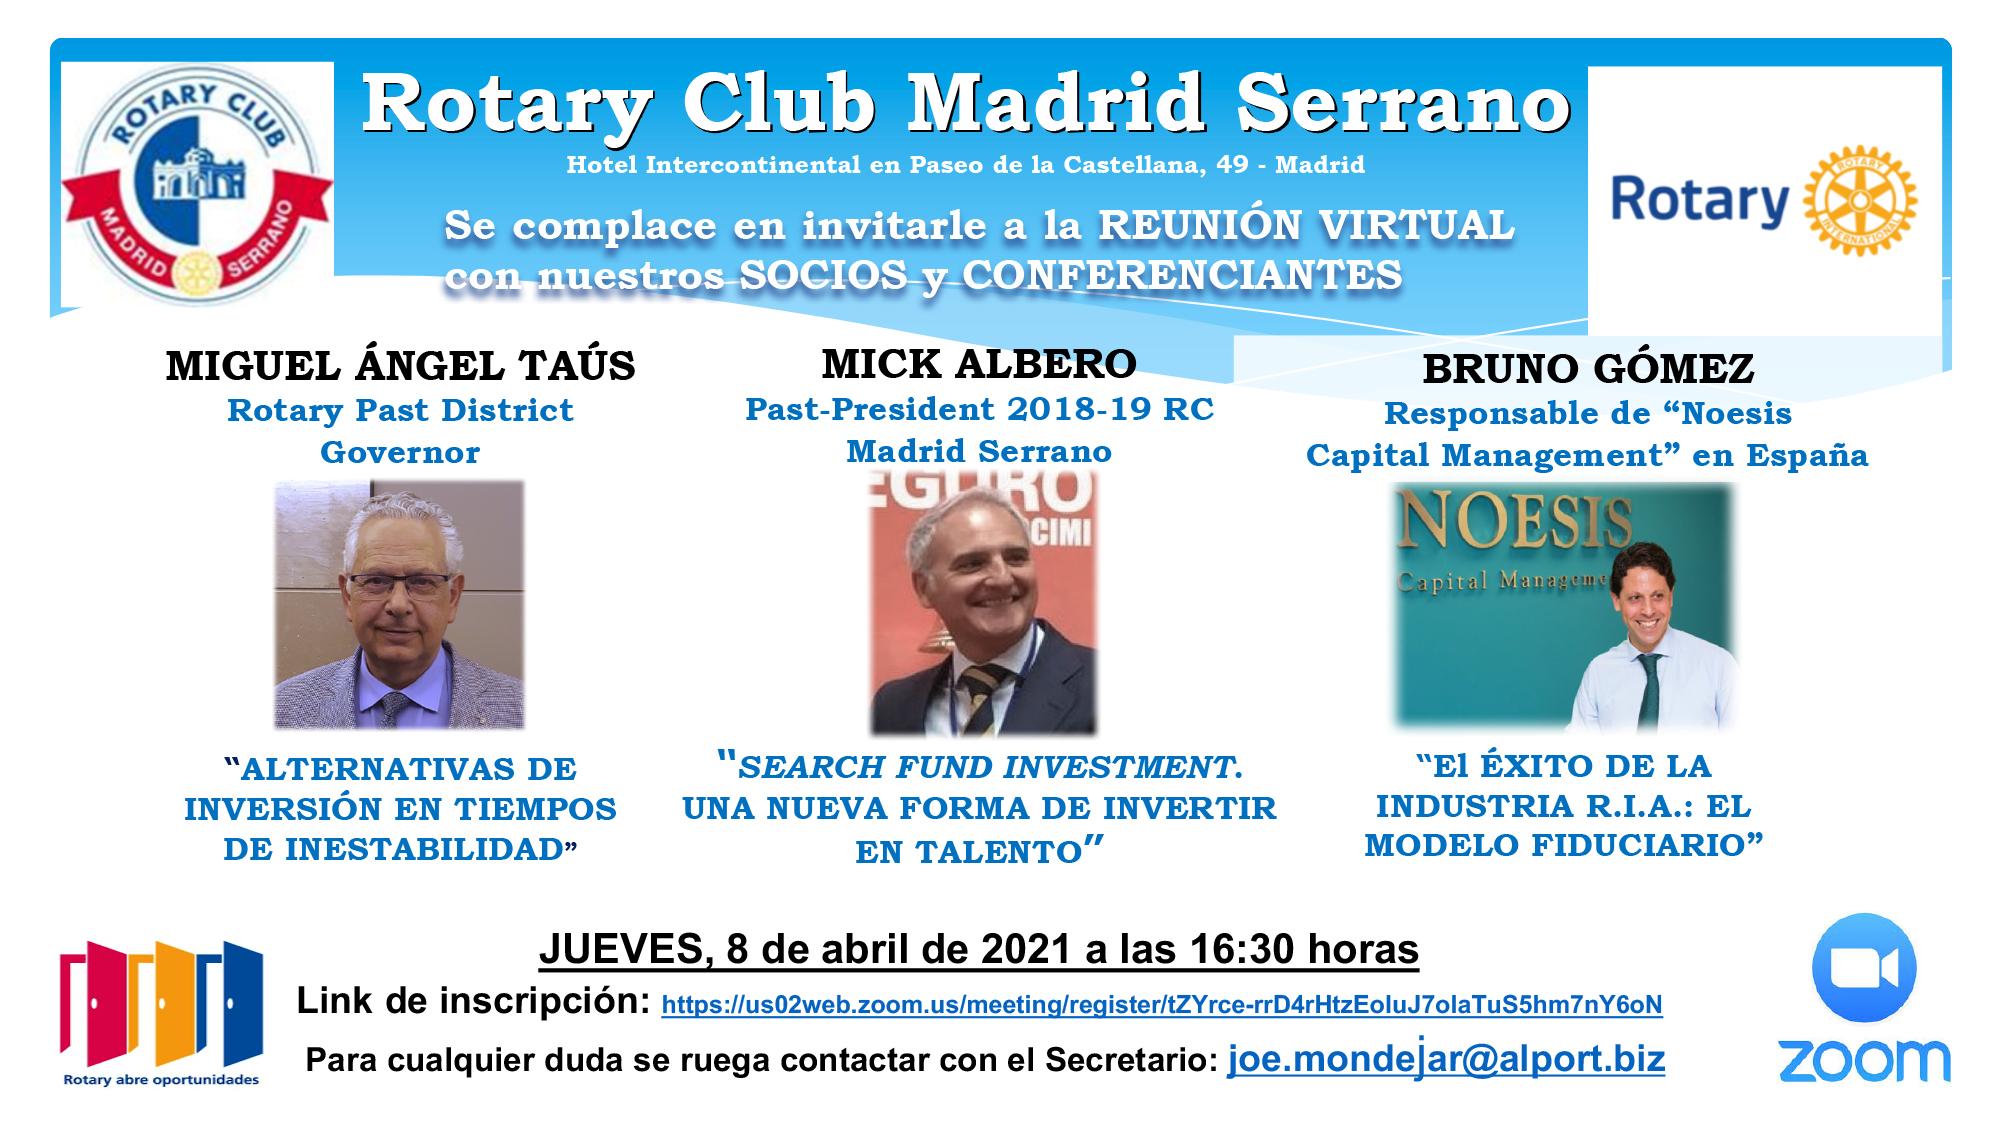 INVITACION ROTARY CLUB MADRID SERRANO – TRES CONFERENCIAS DE MIG